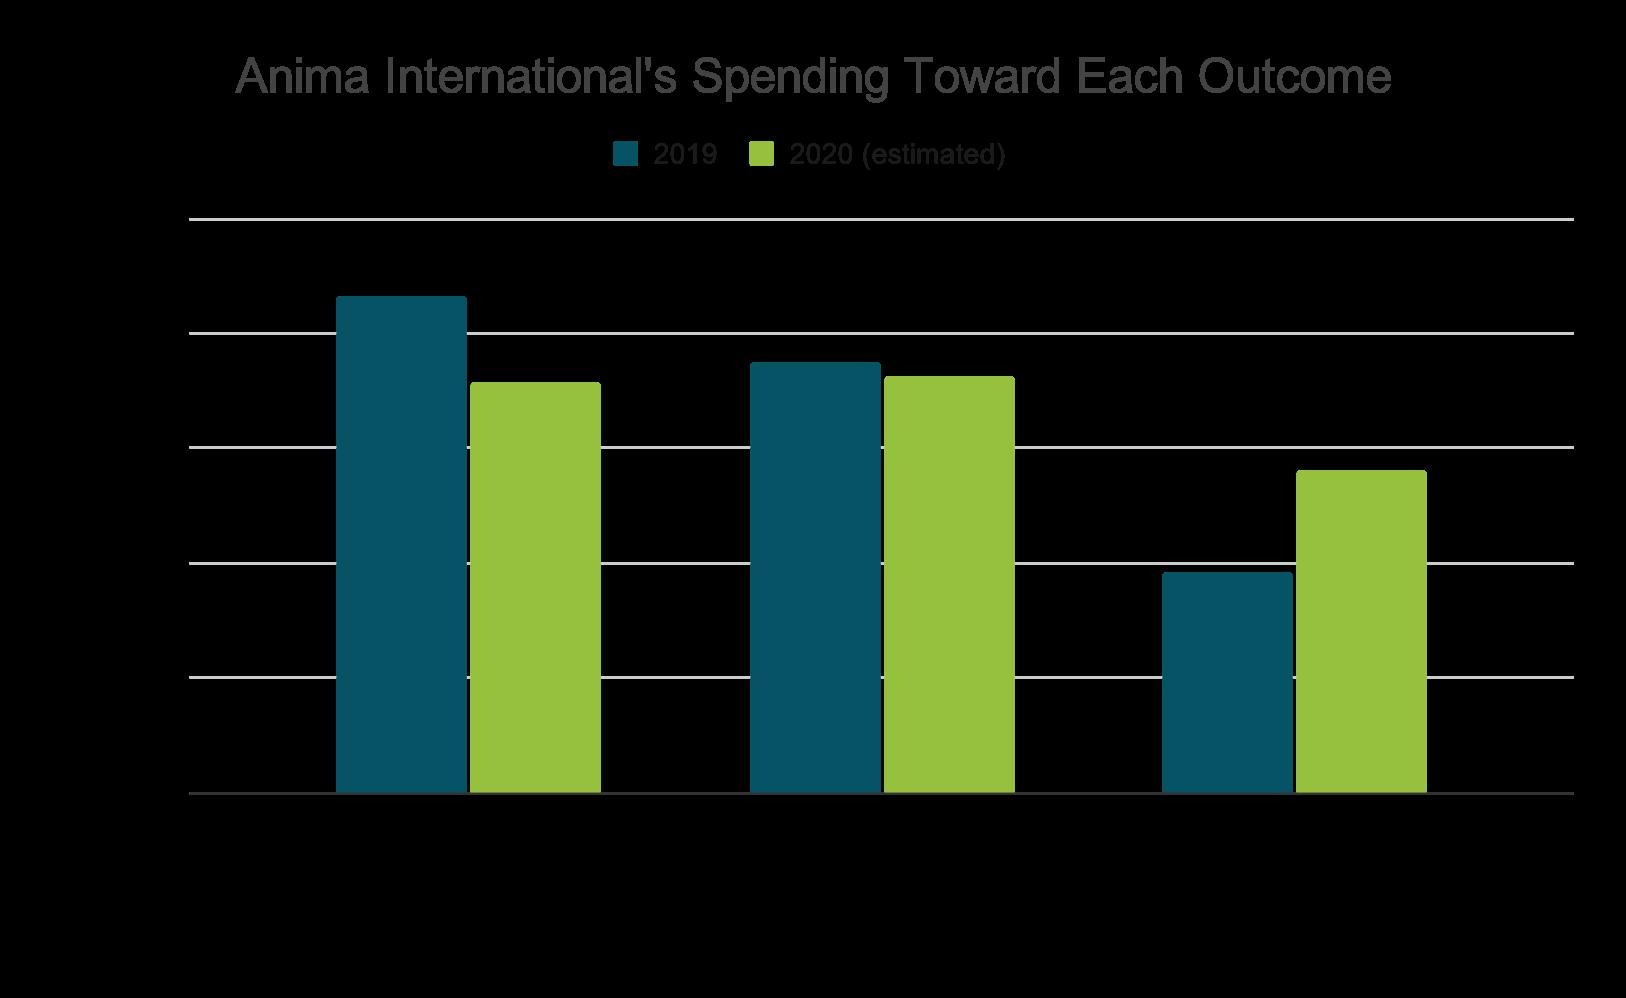 2020 Anima Spending Toward Each Outcome